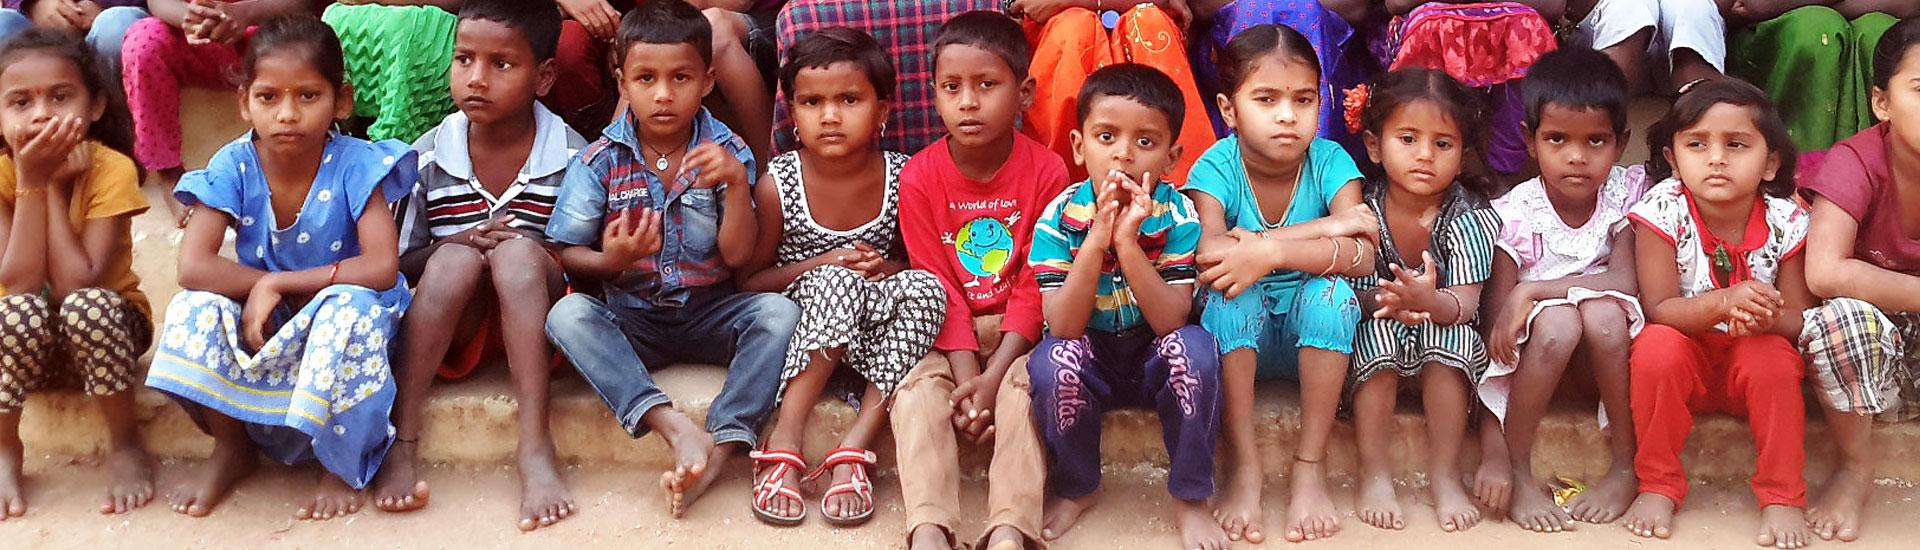 Más de 120.000 menores han salido de las calles de Bangalore